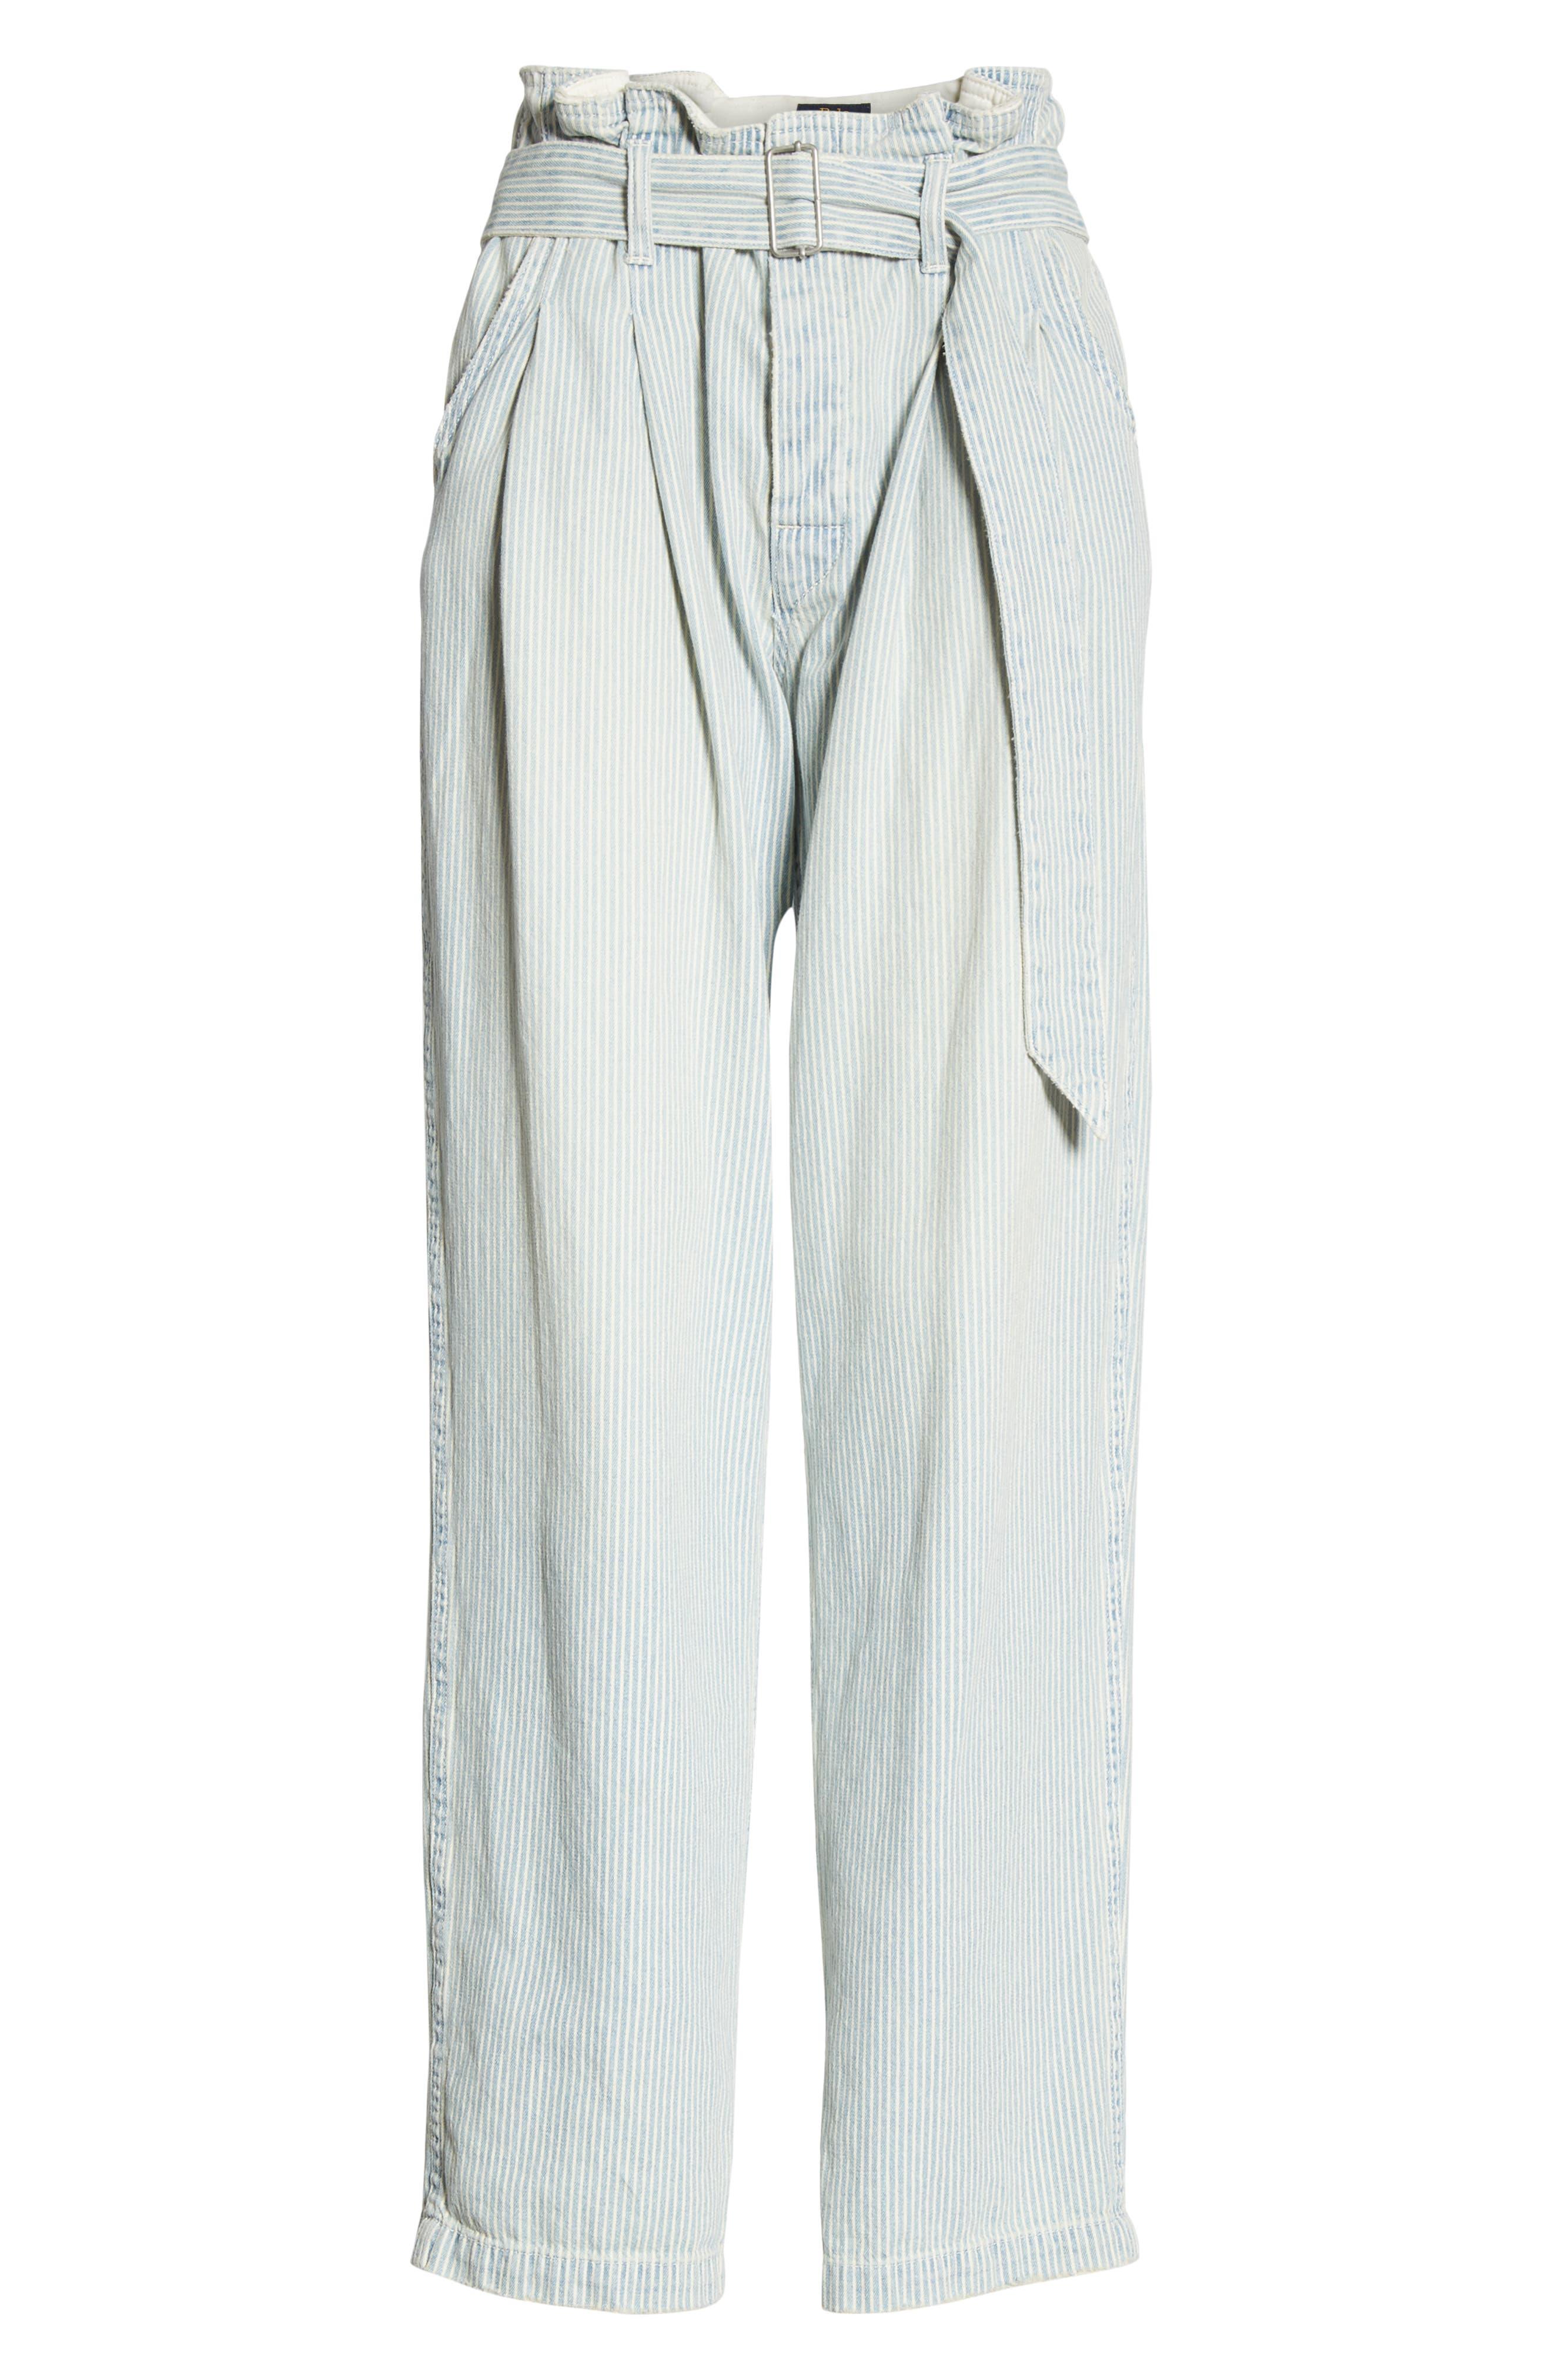 POLO RALPH LAUREN, Paperbag Waist Jeans, Alternate thumbnail 7, color, RAILROAD STRIPE